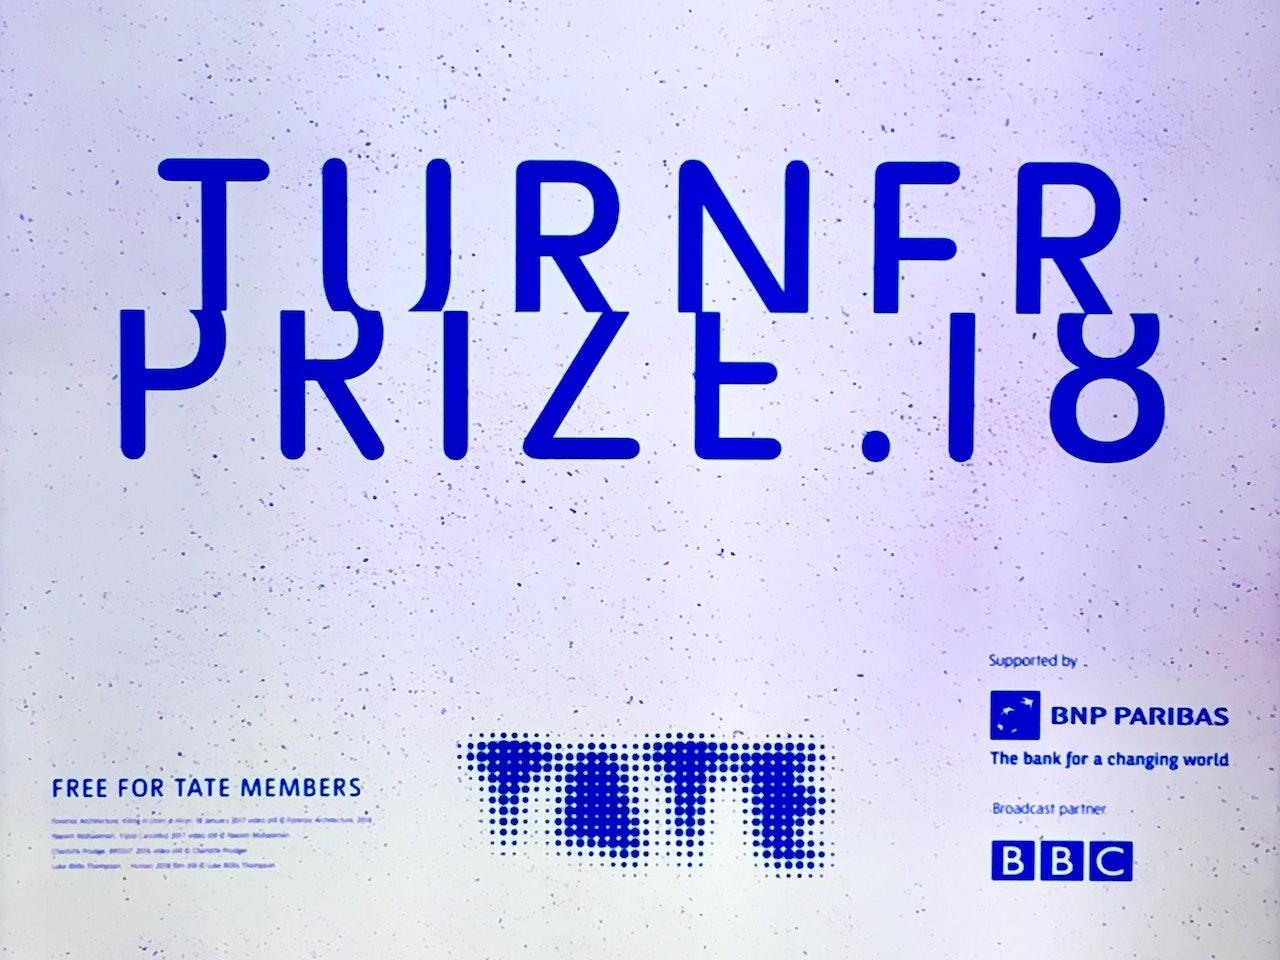 Turner Prize Nomination